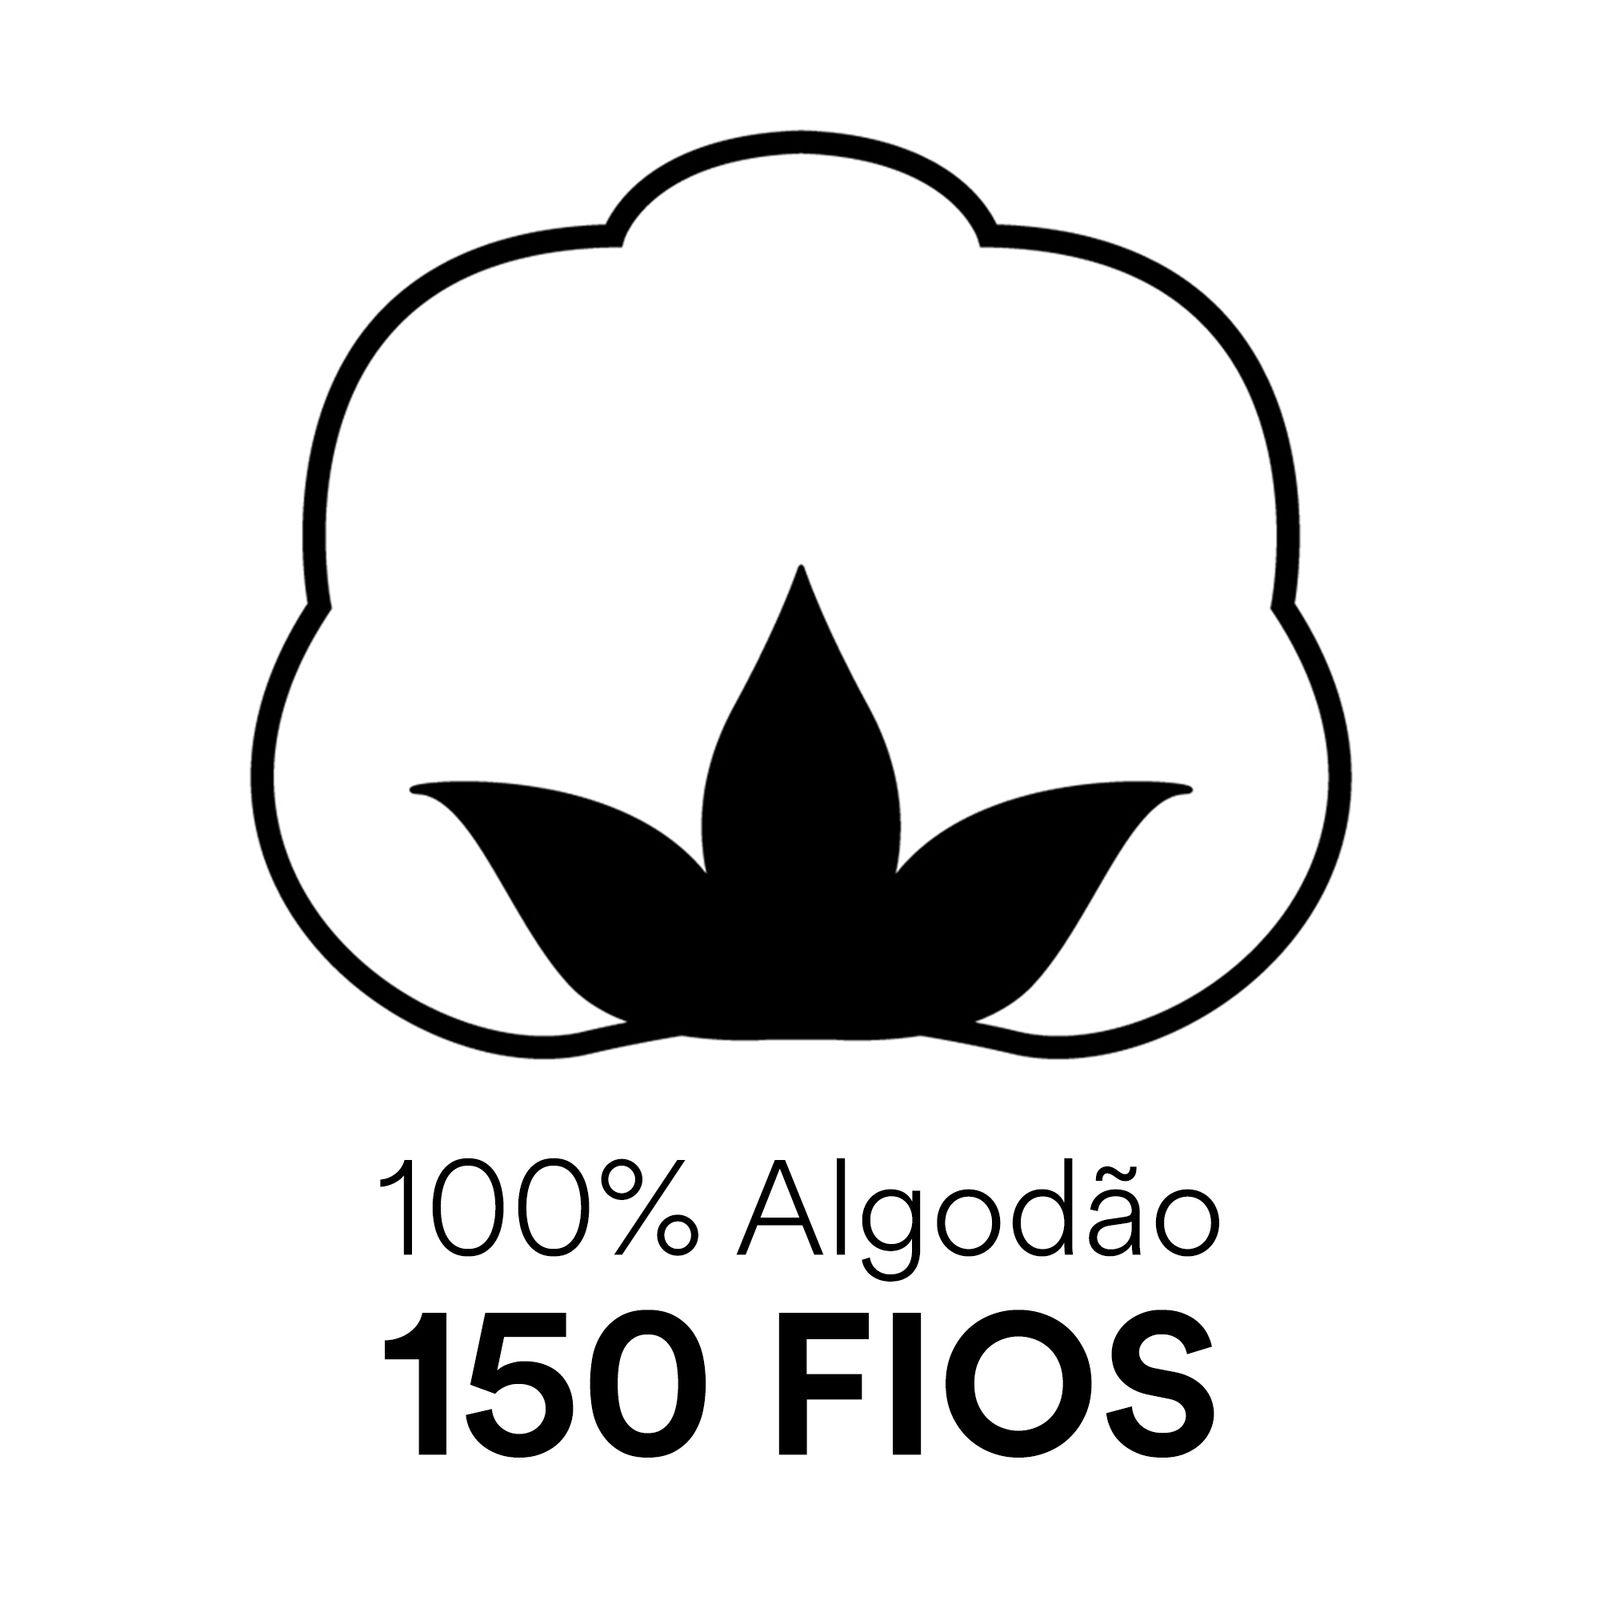 Edredom Infantil Berço 100% Algodão 150 Fios Extra Macio Animais Azul